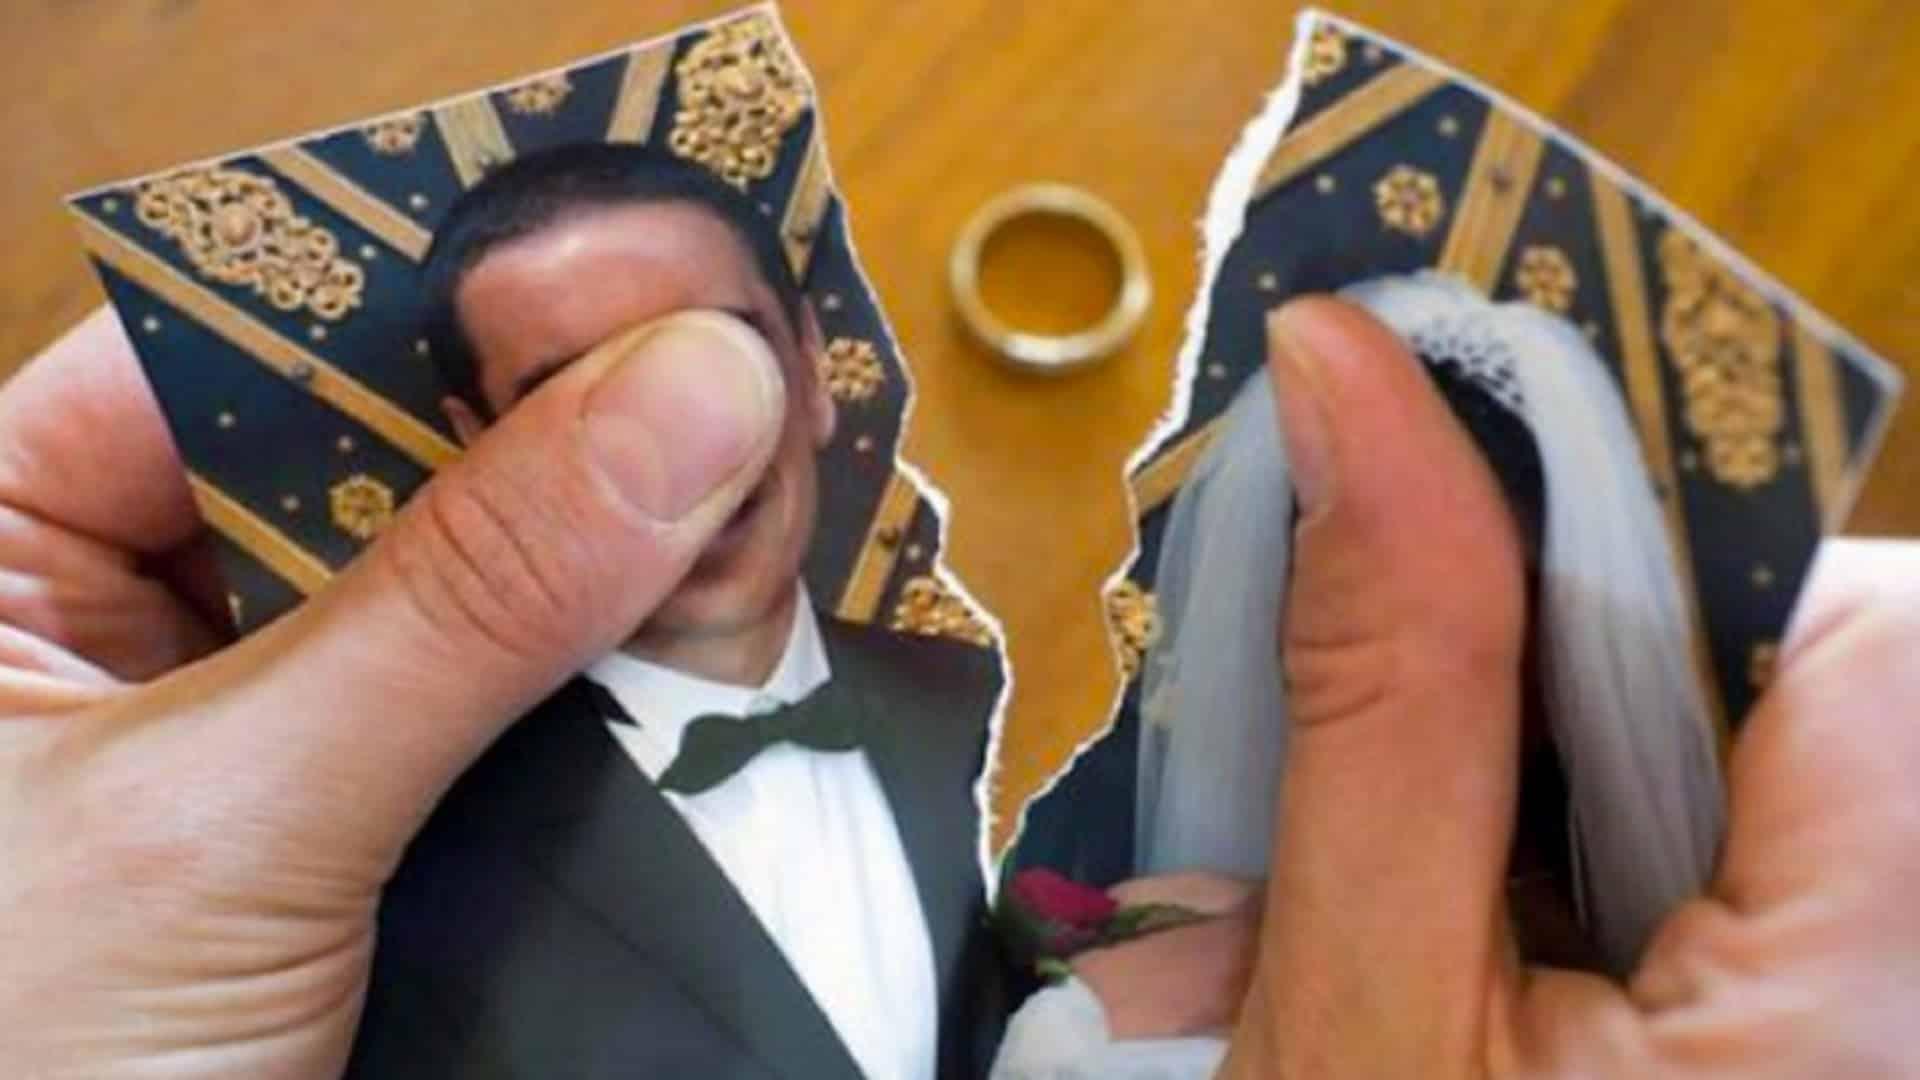 La moglie chiede il divorzio e lui per non darle nulla fa un terribile gesto